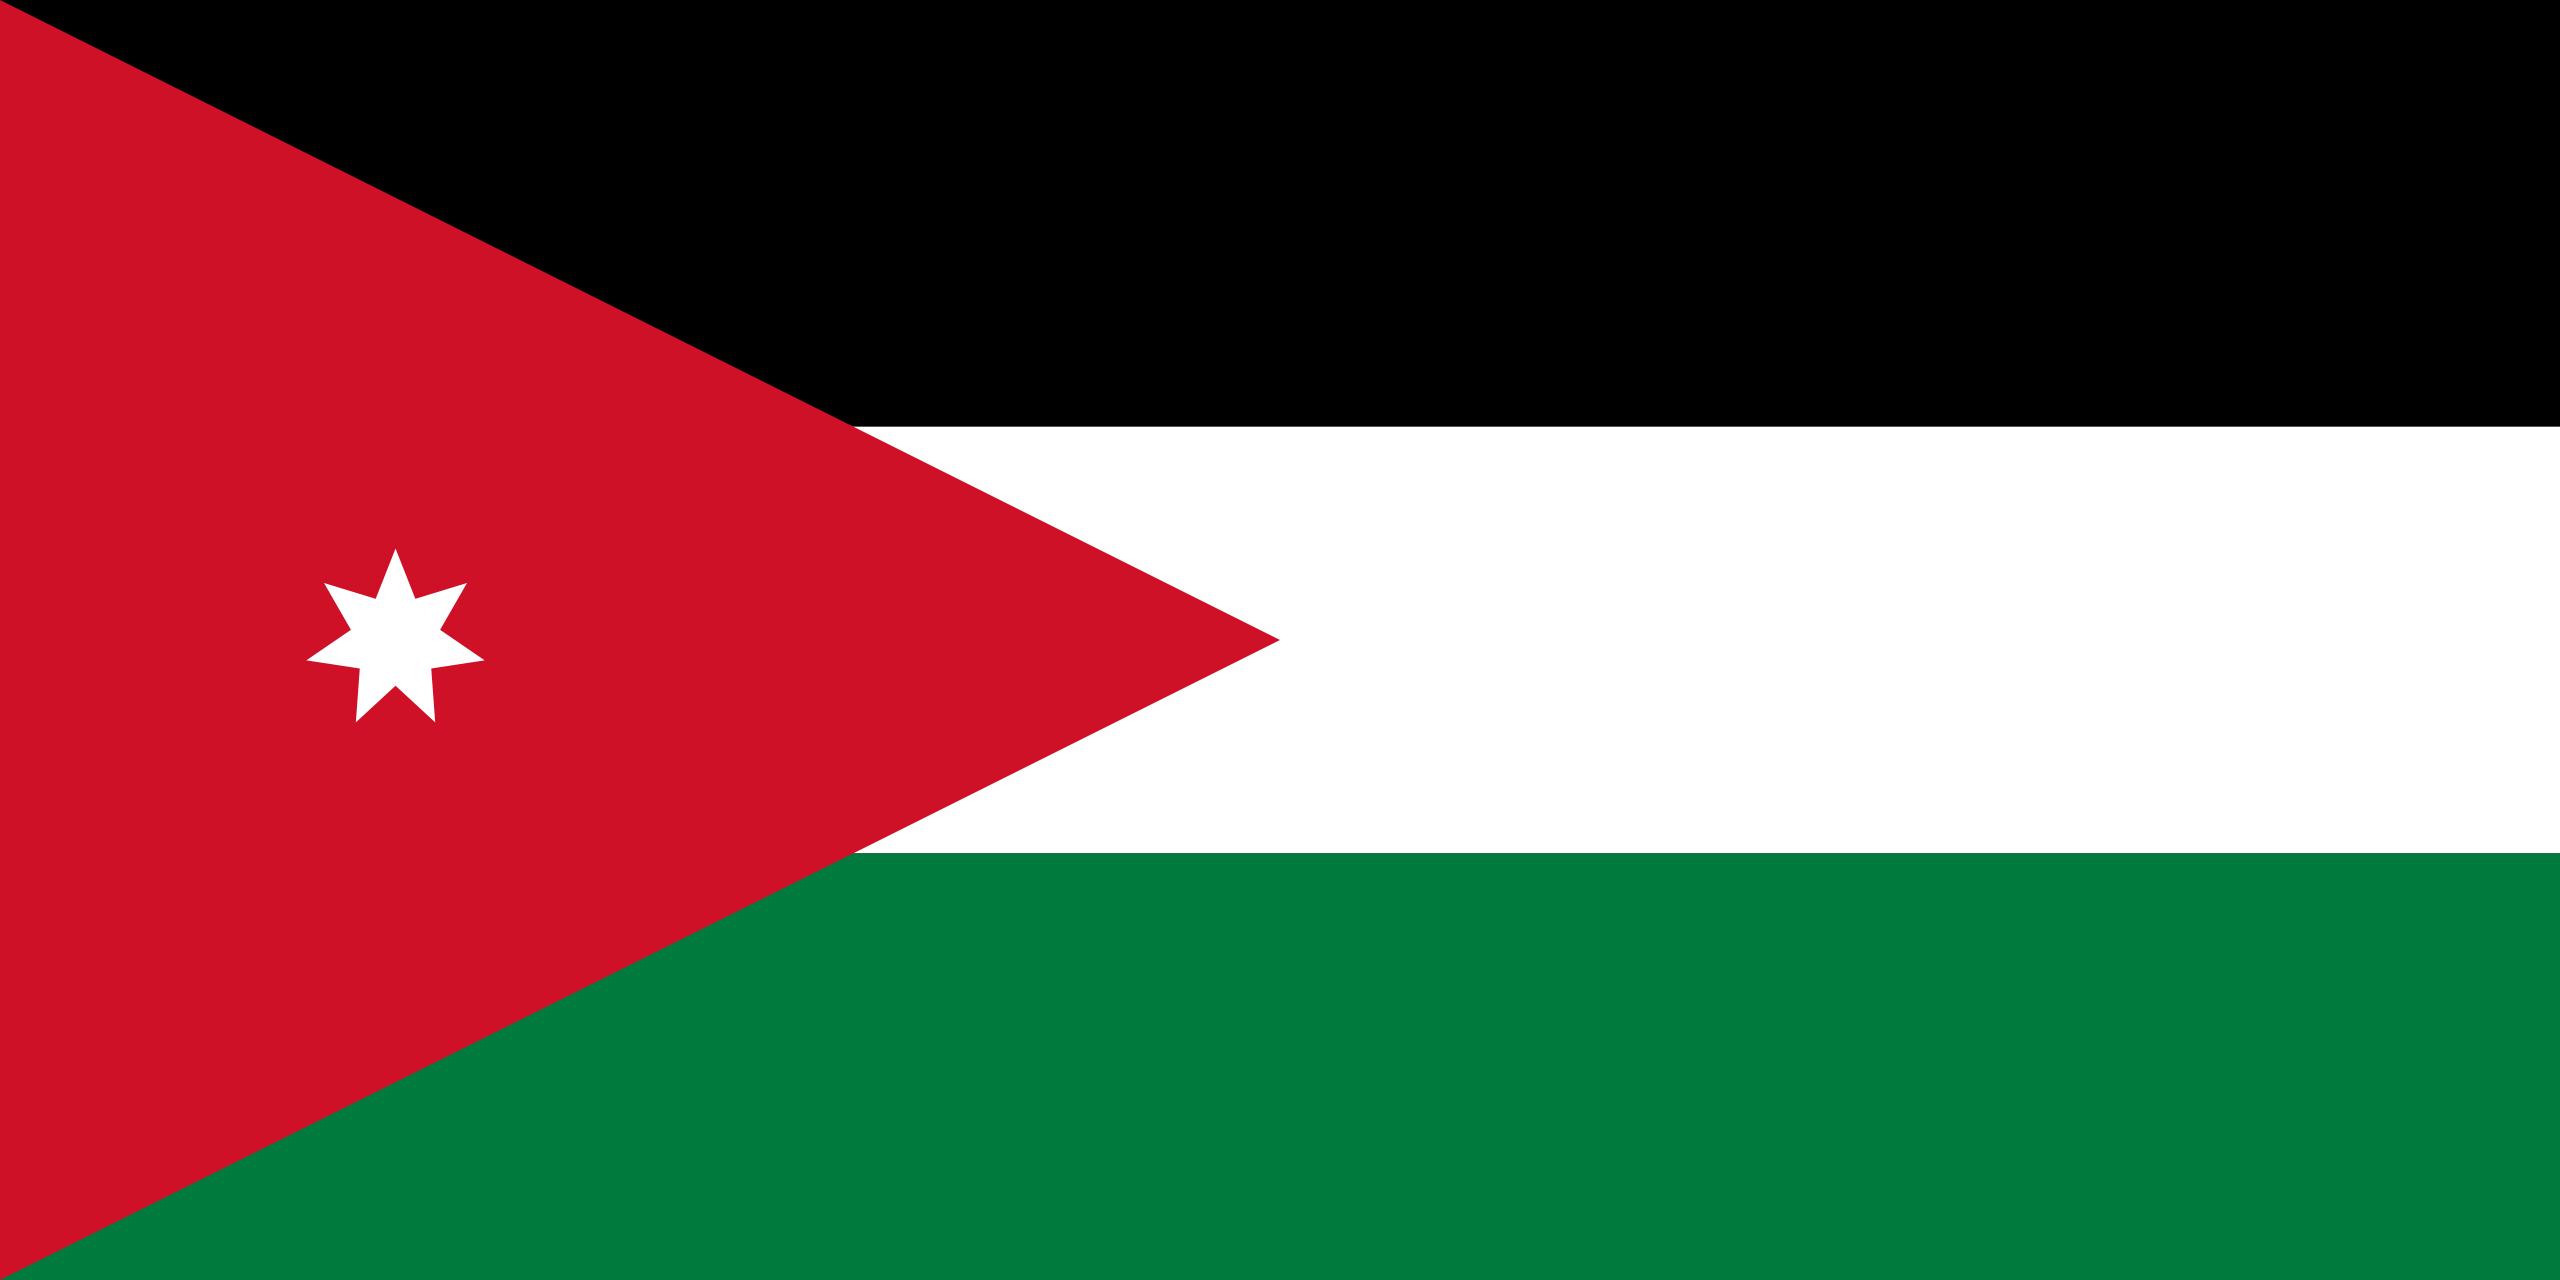 jordania, pays, emblème, logo, symbole - Fonds d'écran HD - Professor-falken.com